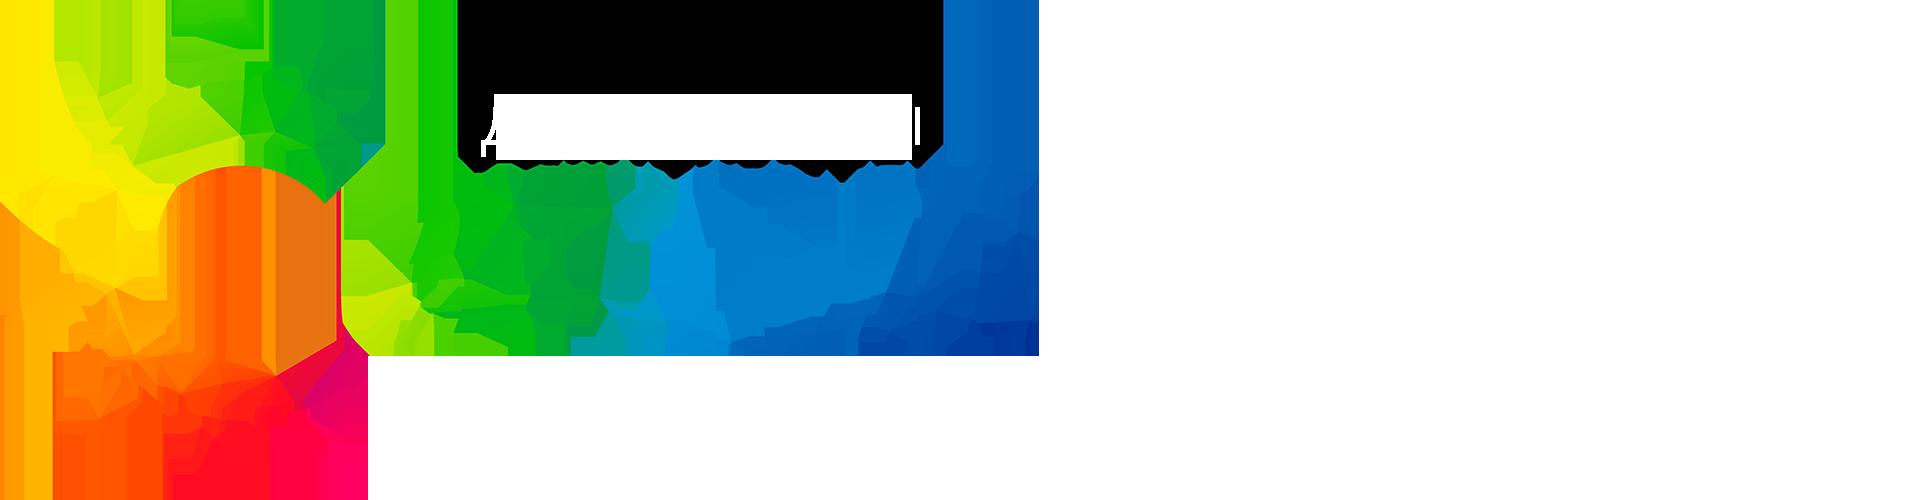 ДКСветлый.РФ